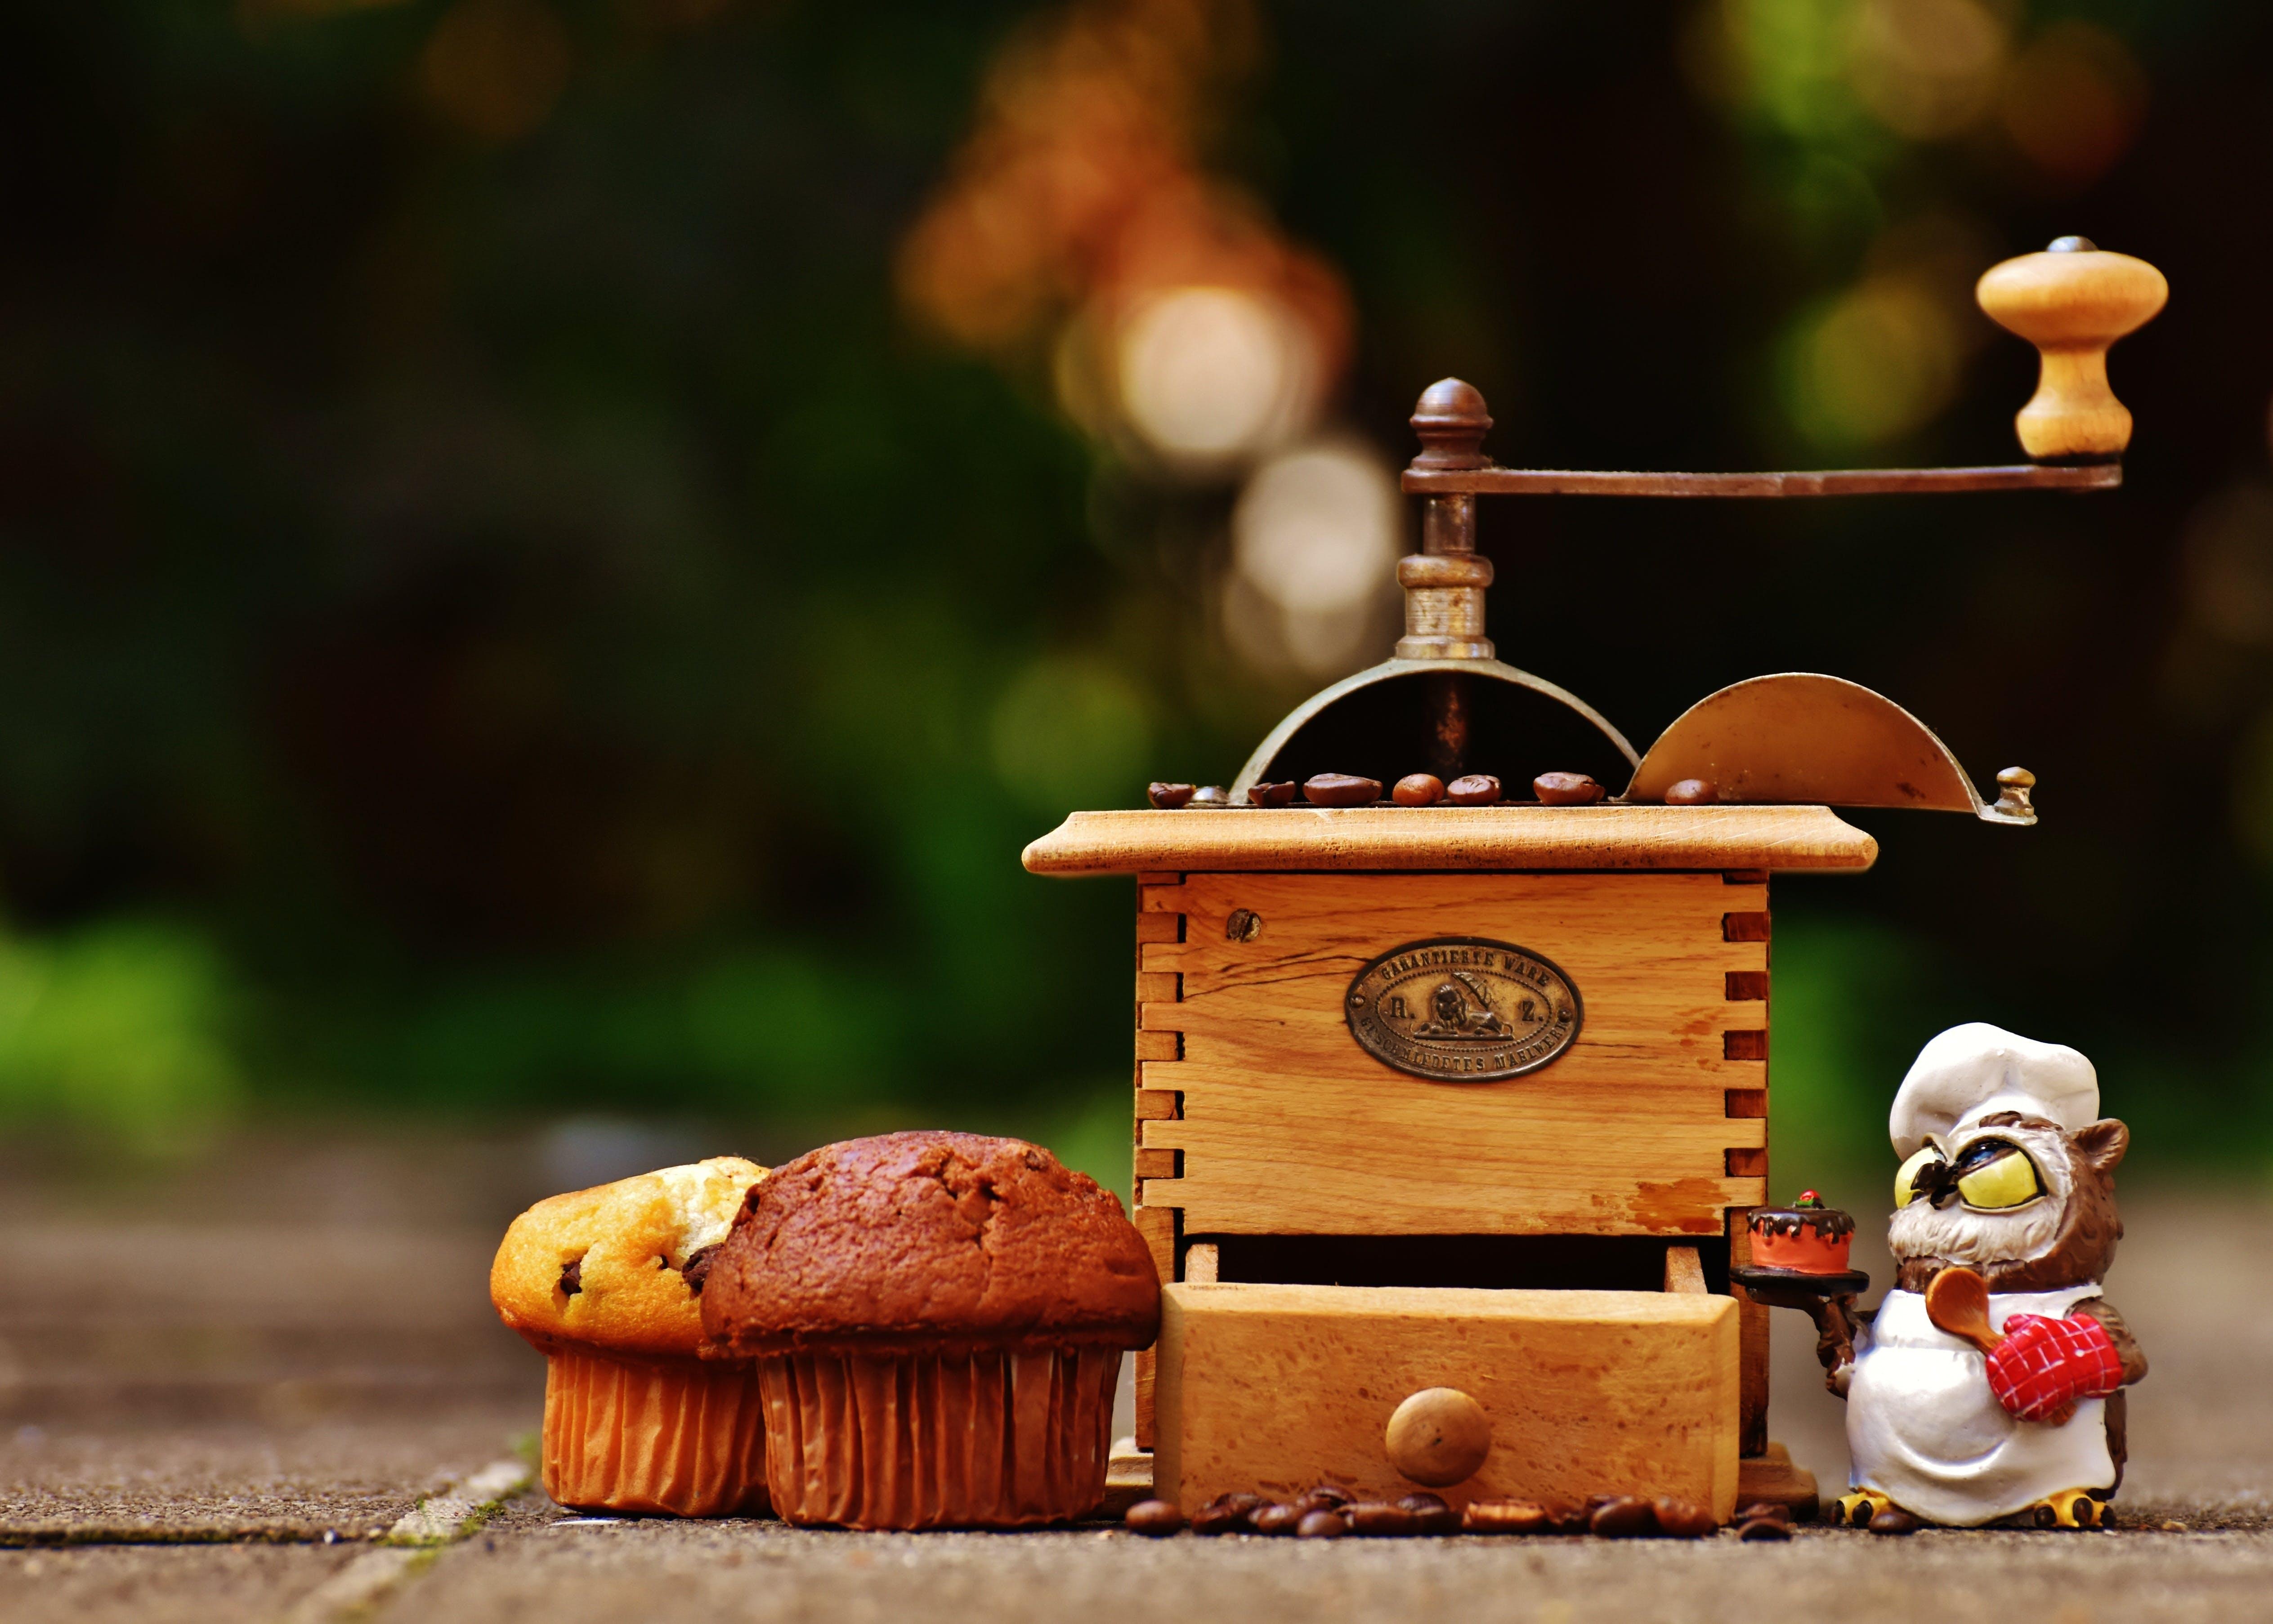 bake, baked goods, baker